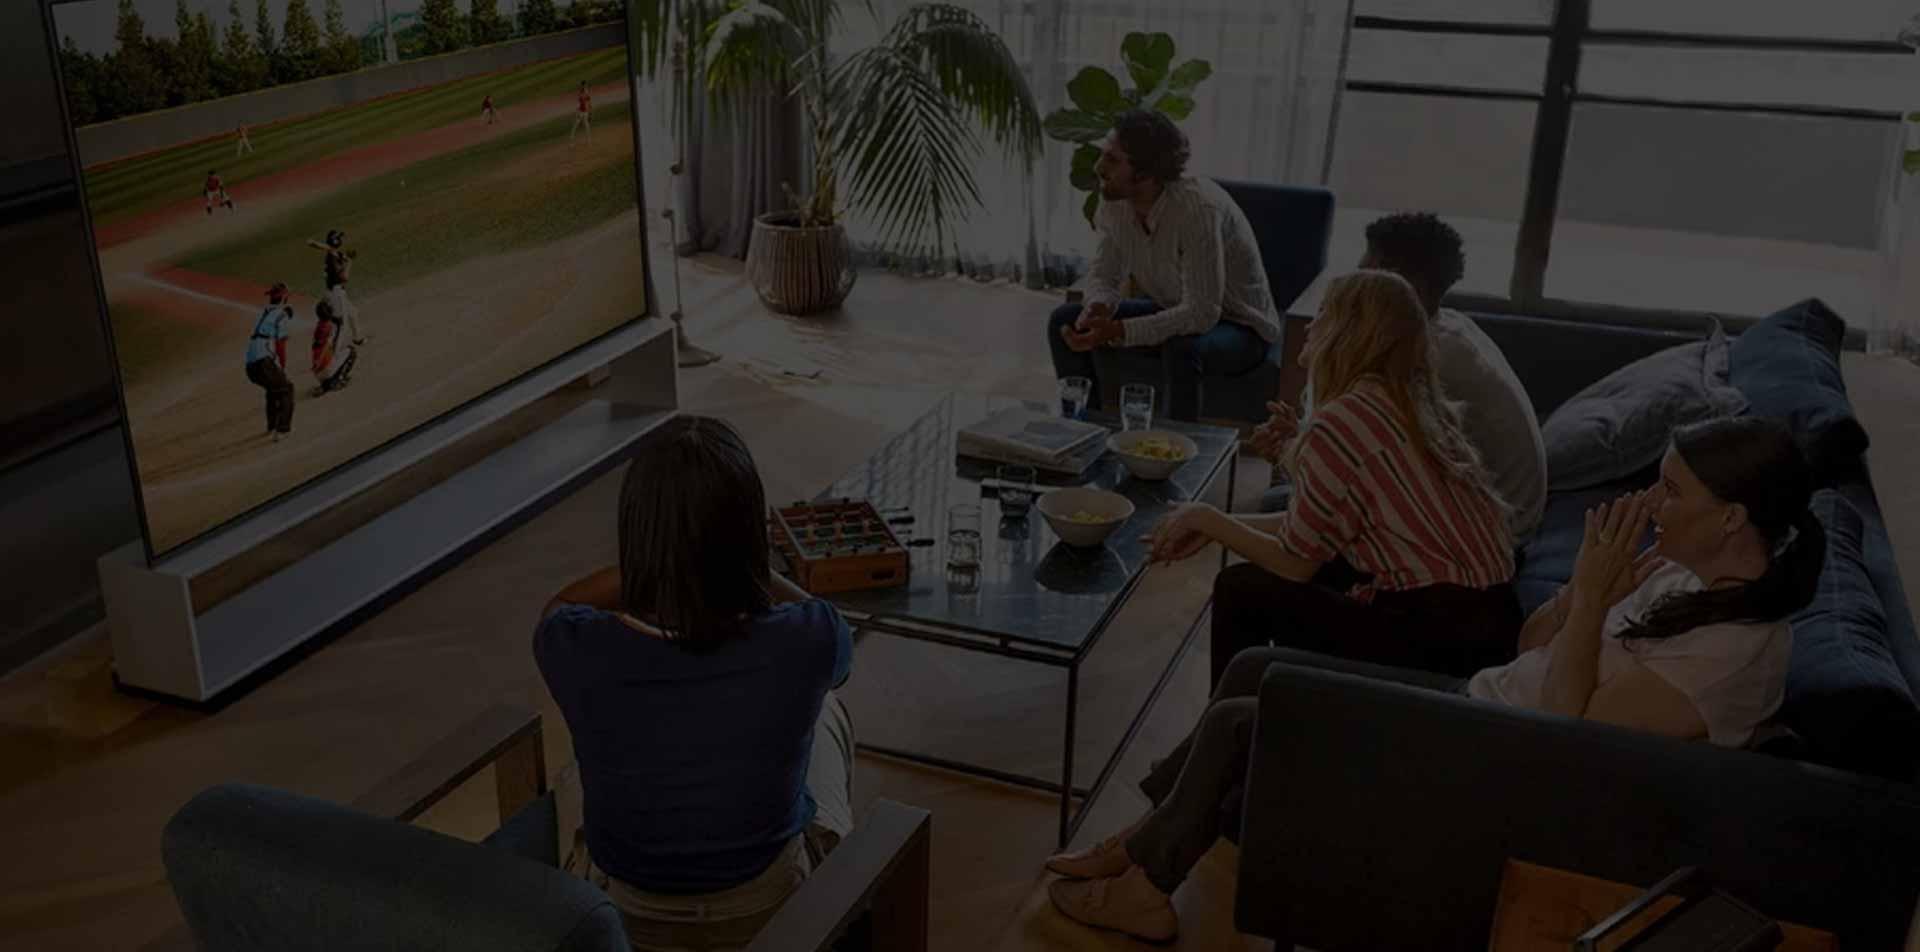 تعمیر تلویزیون یوتکس در منزل